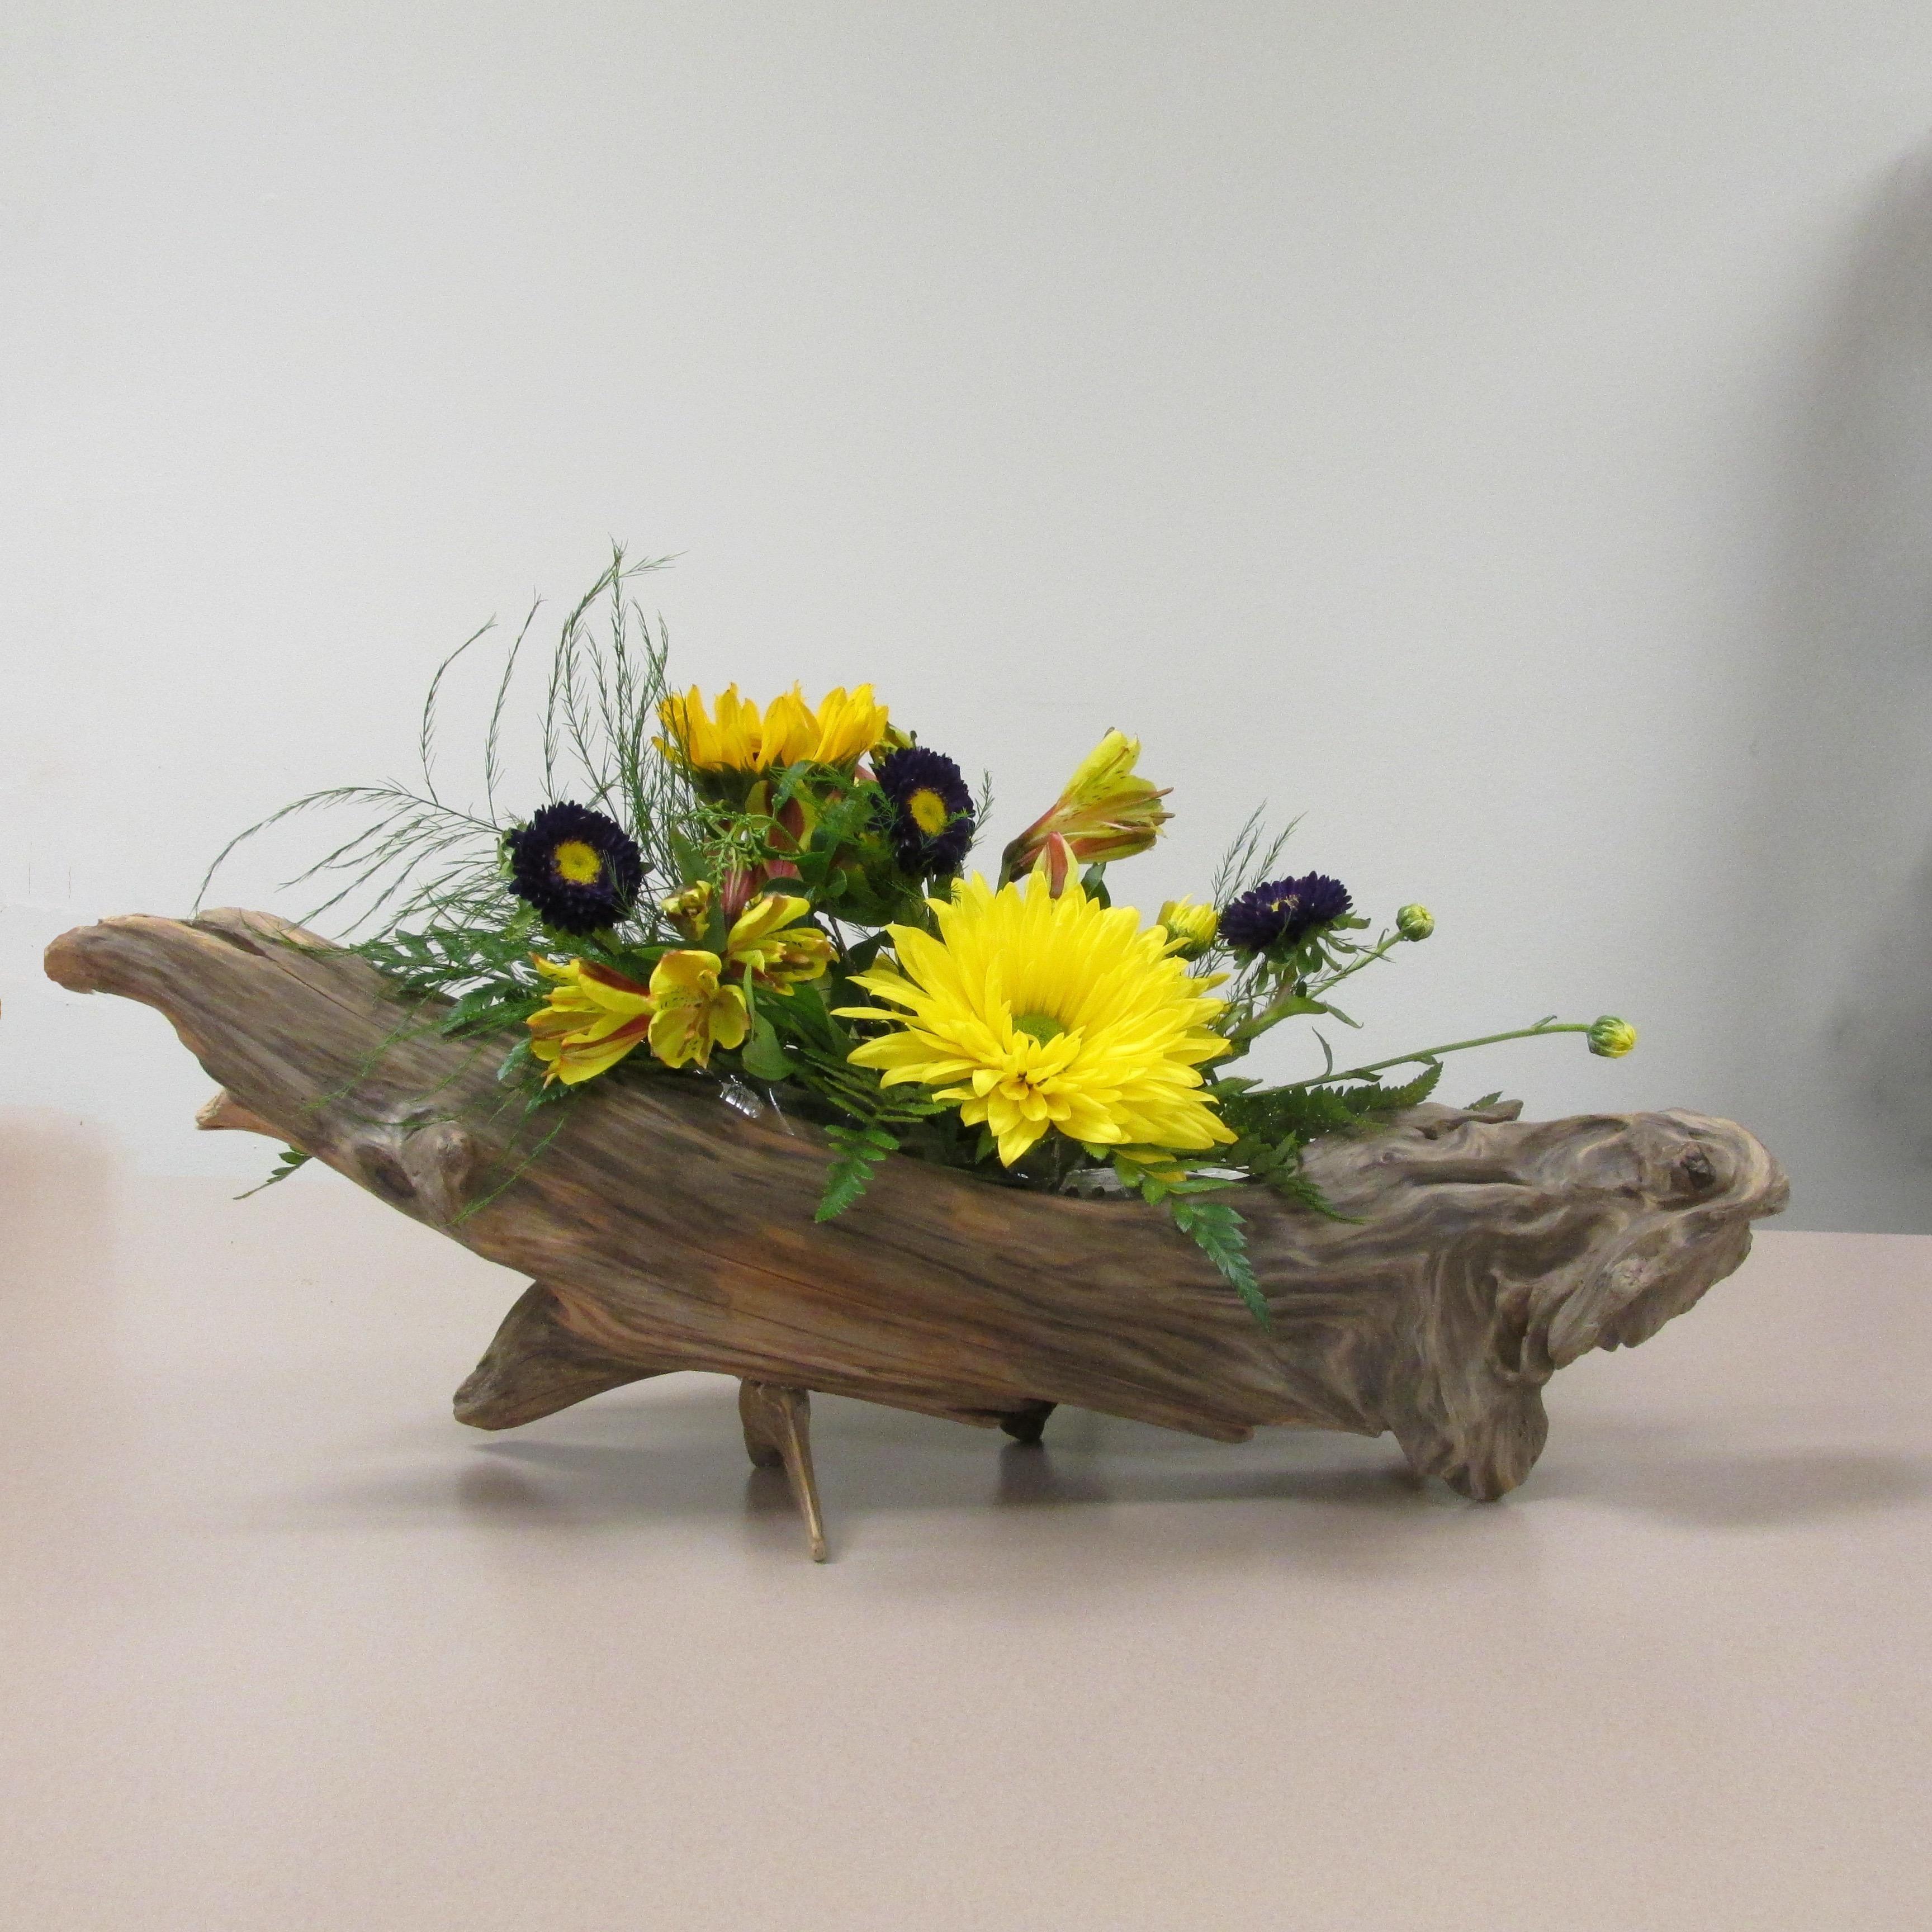 driftwood flower arranging 101